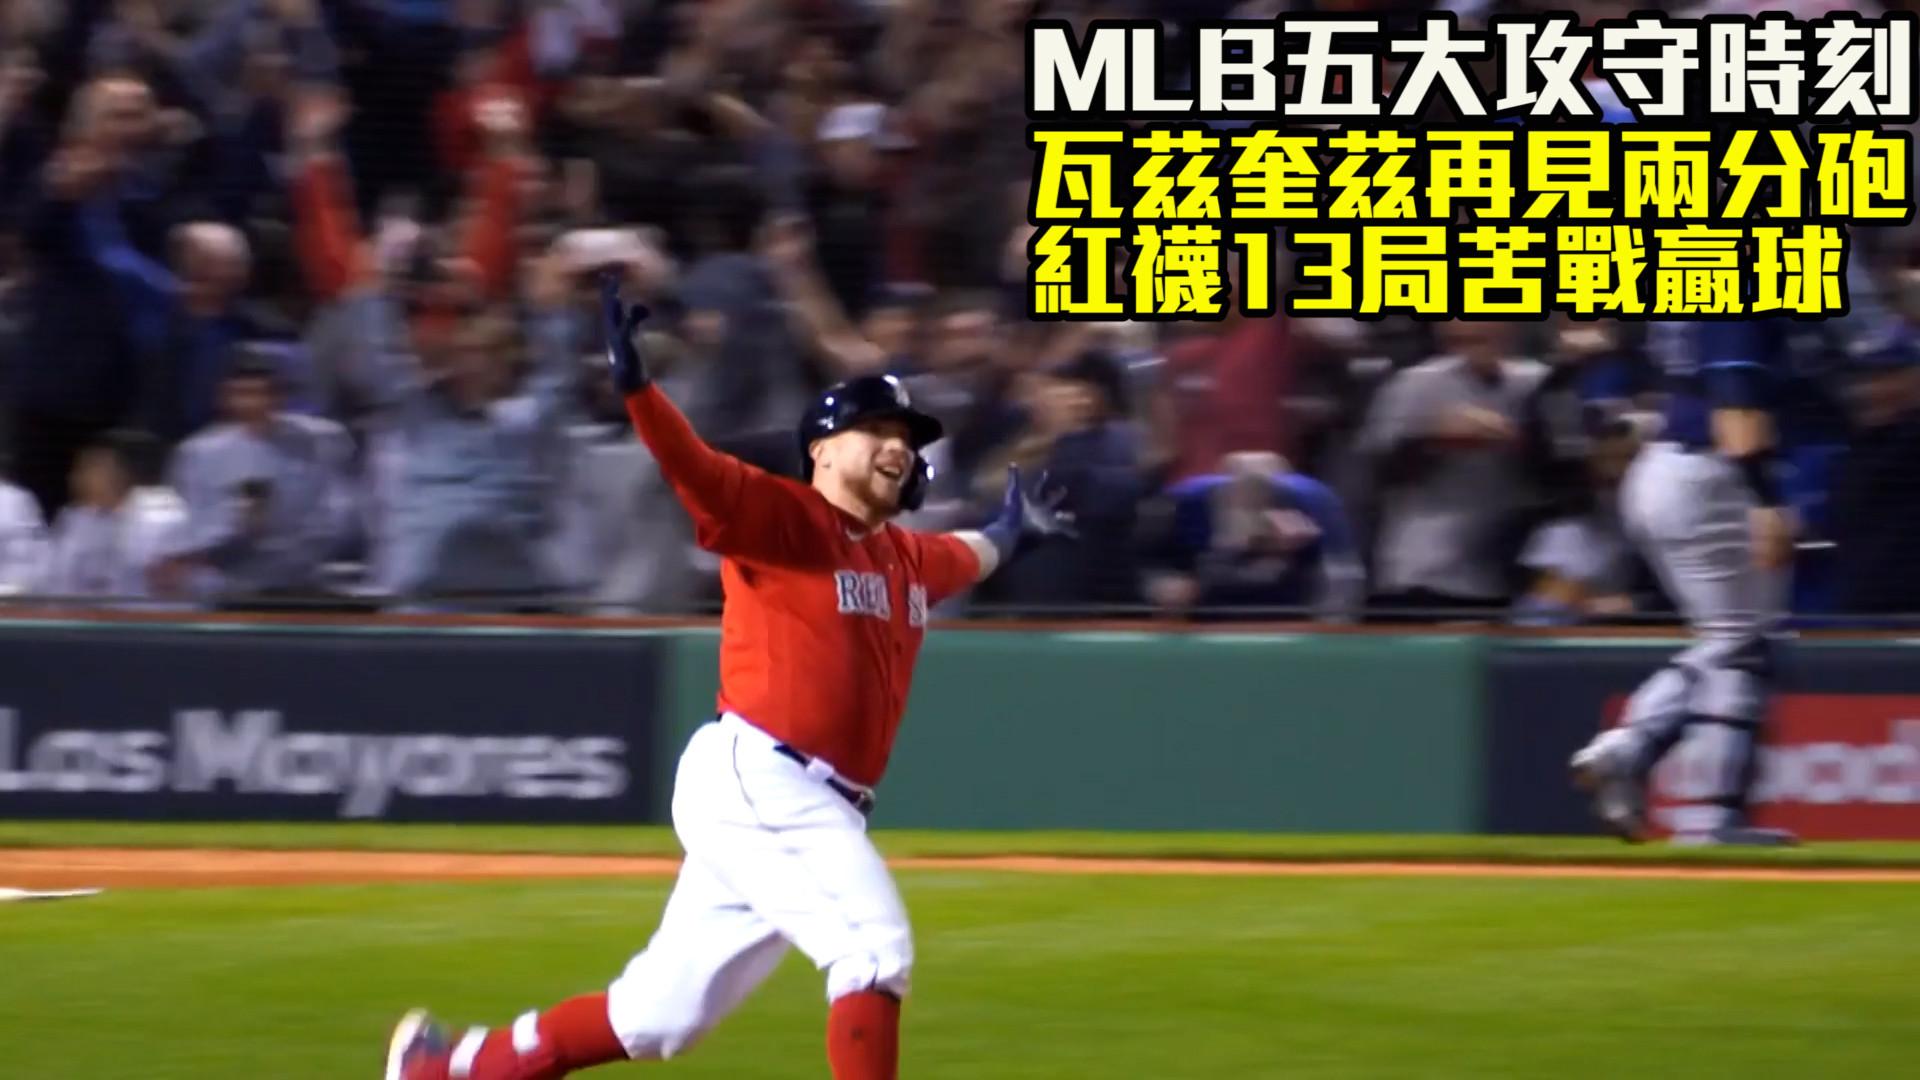 【MLB看愛爾達】季後賽激鬥 五大精彩攻守時刻 10/11